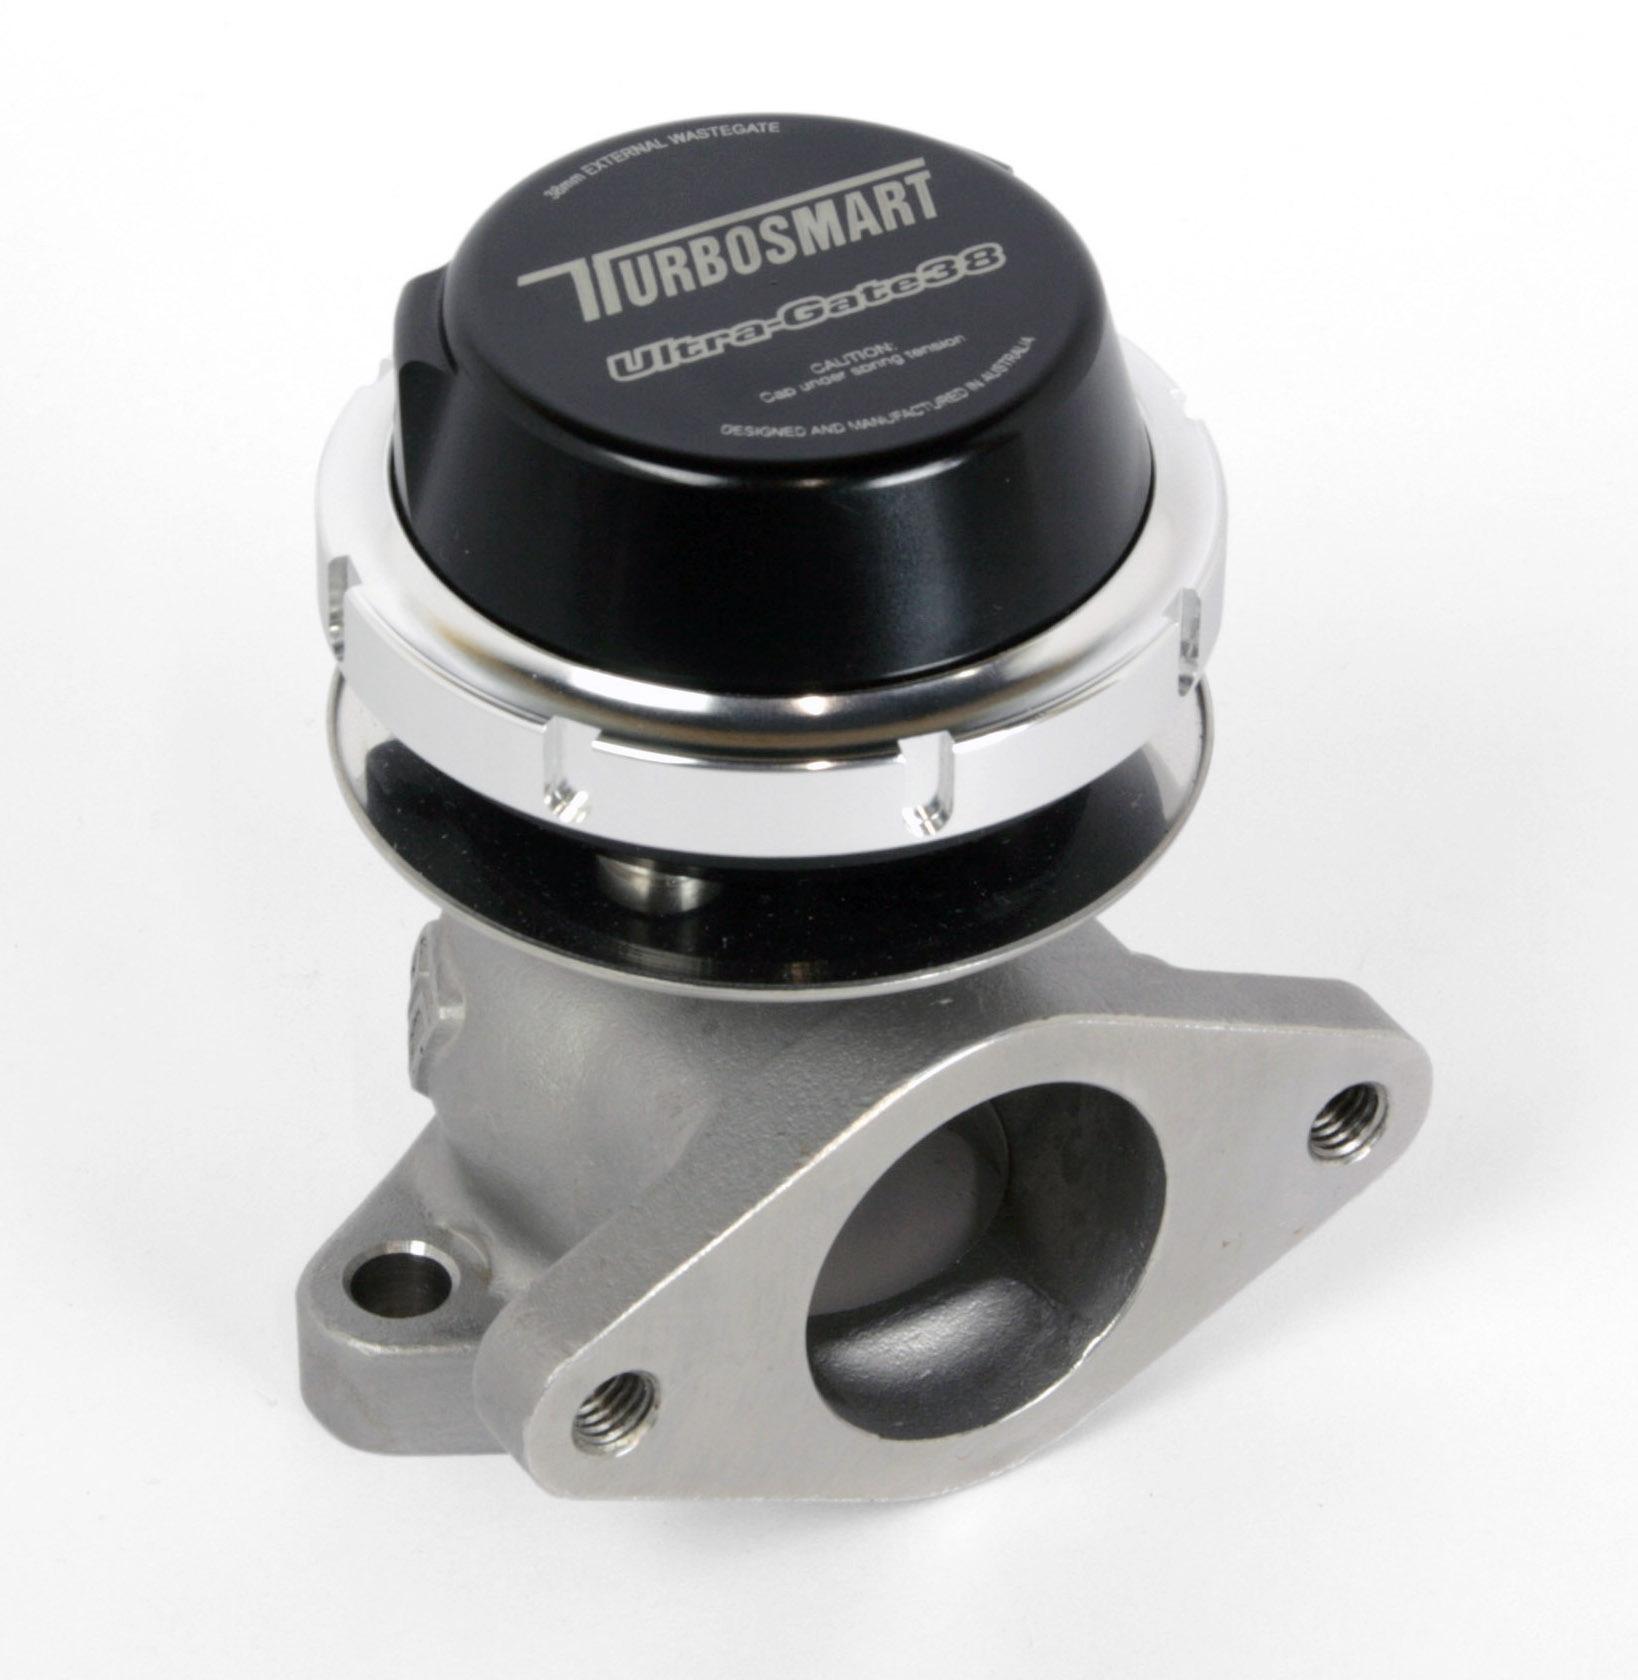 Вестгейт Turbosmart UltraGate